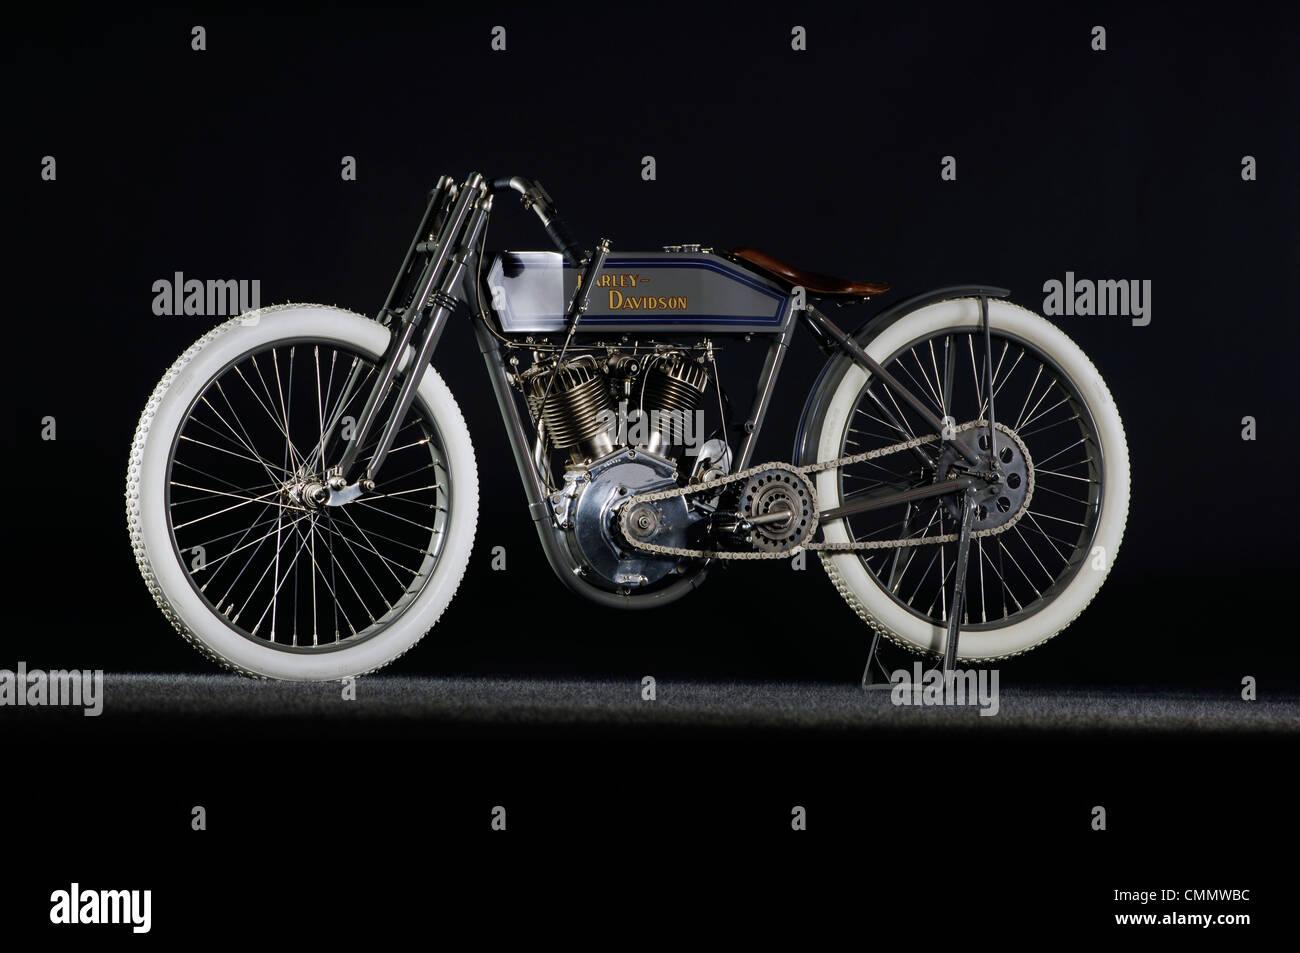 1914 Harley Davidson boardtrack racer - Stock Image